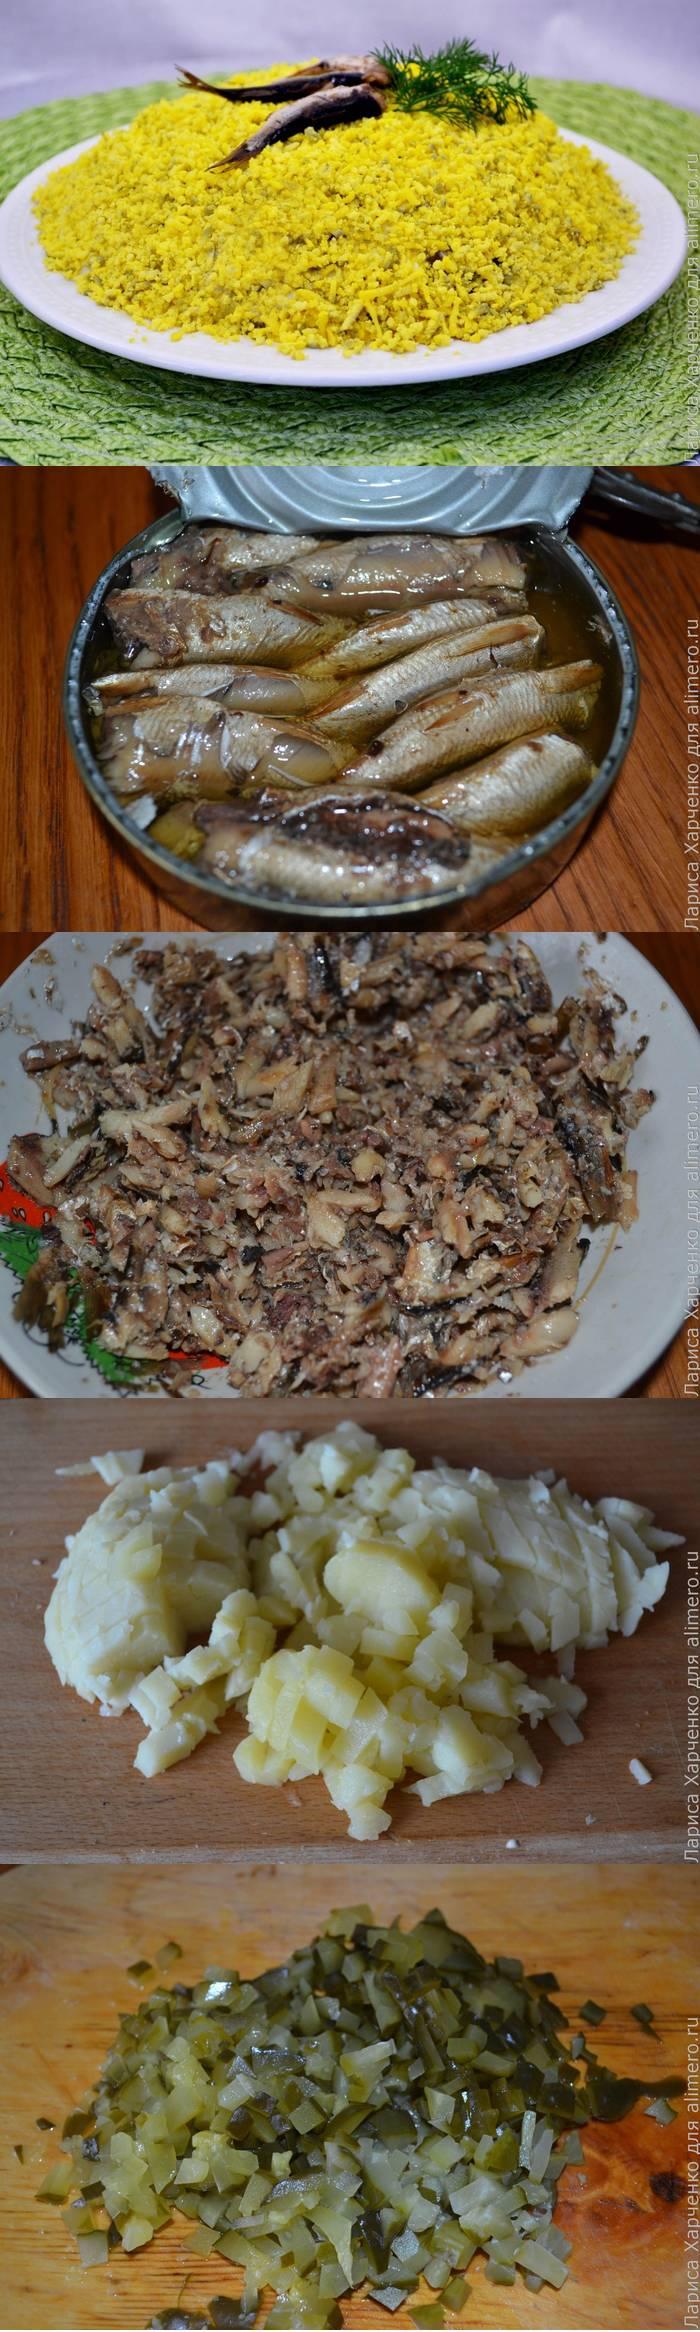 Салат со шпротами пошаговый рецепт